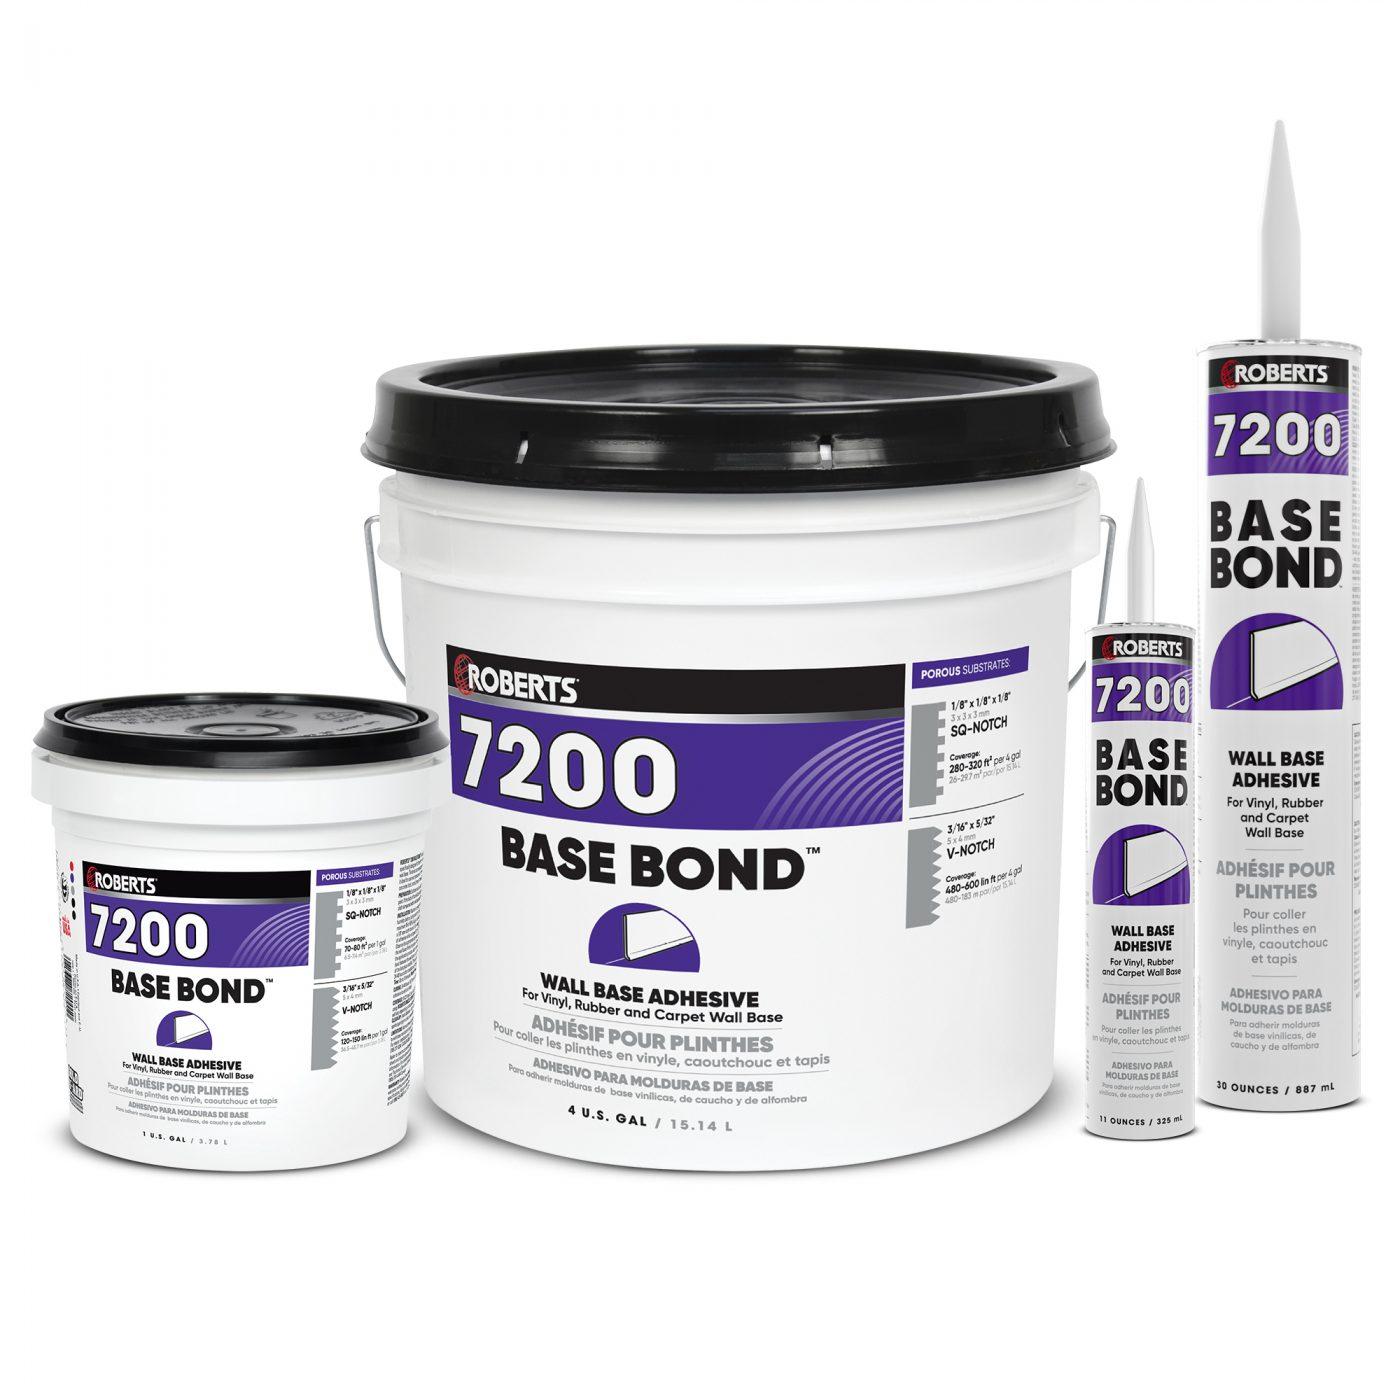 Wall Base Adhesive